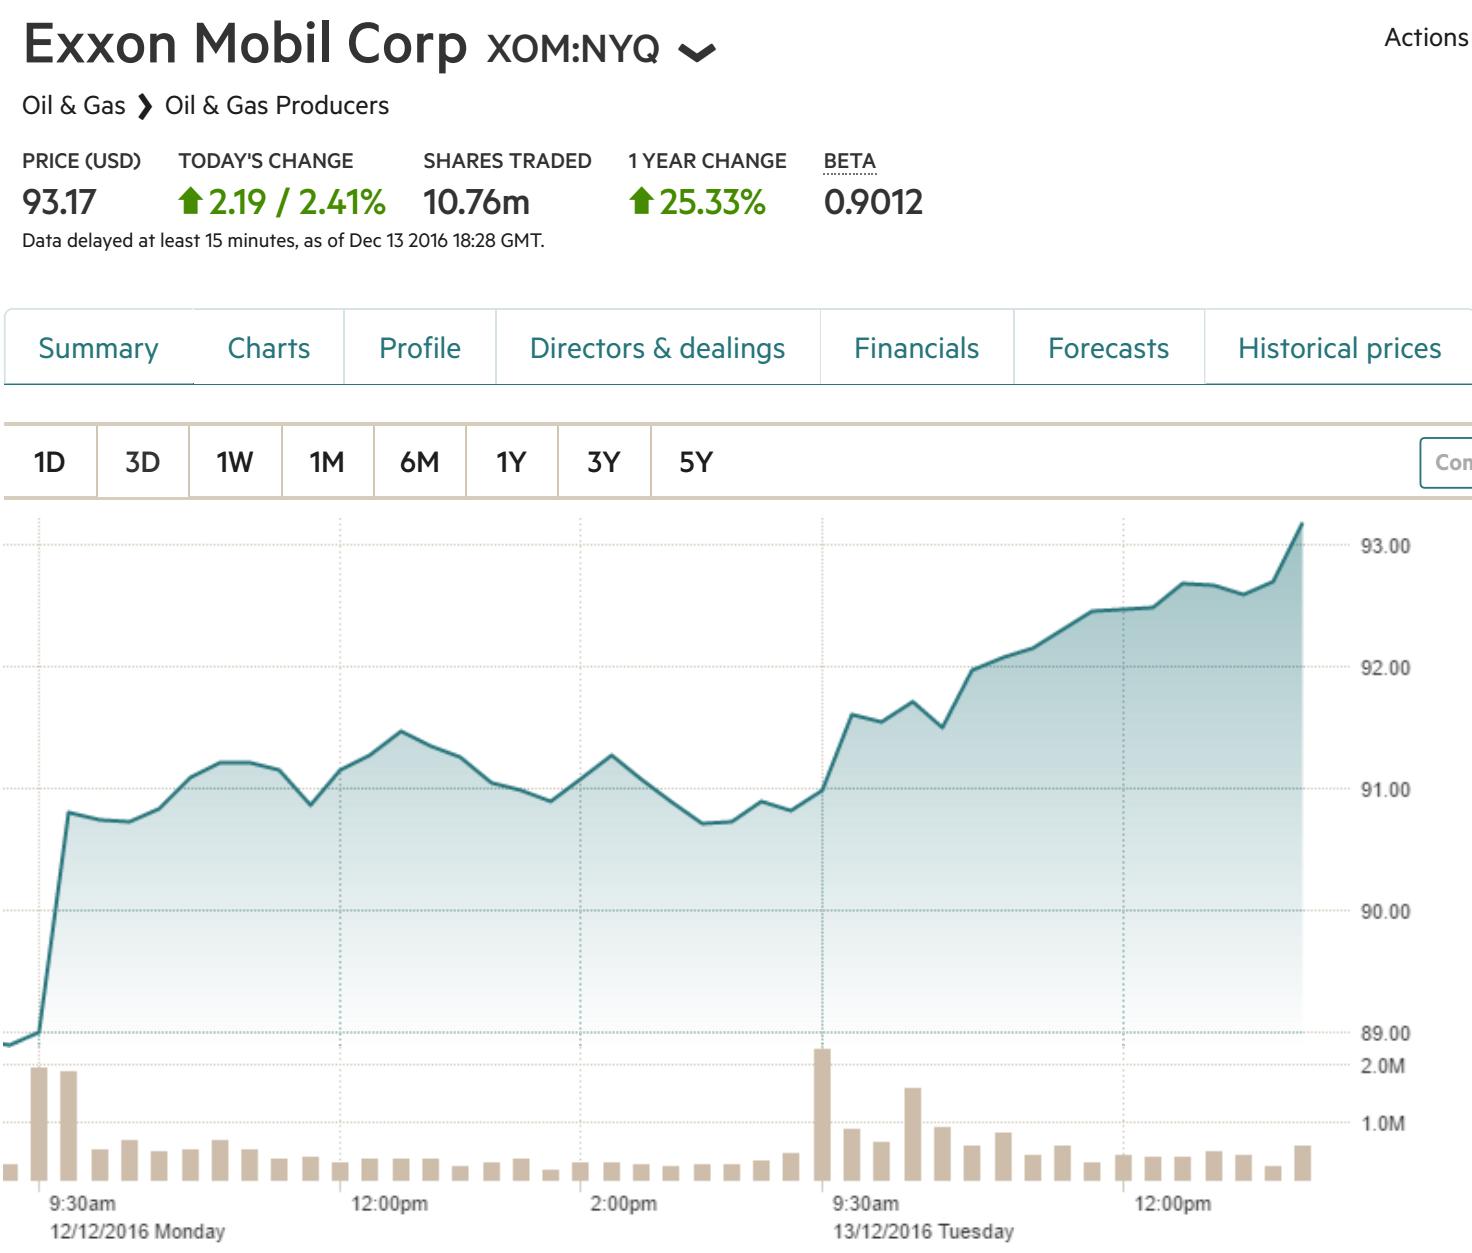 Xom Chart Ft Oil Change International